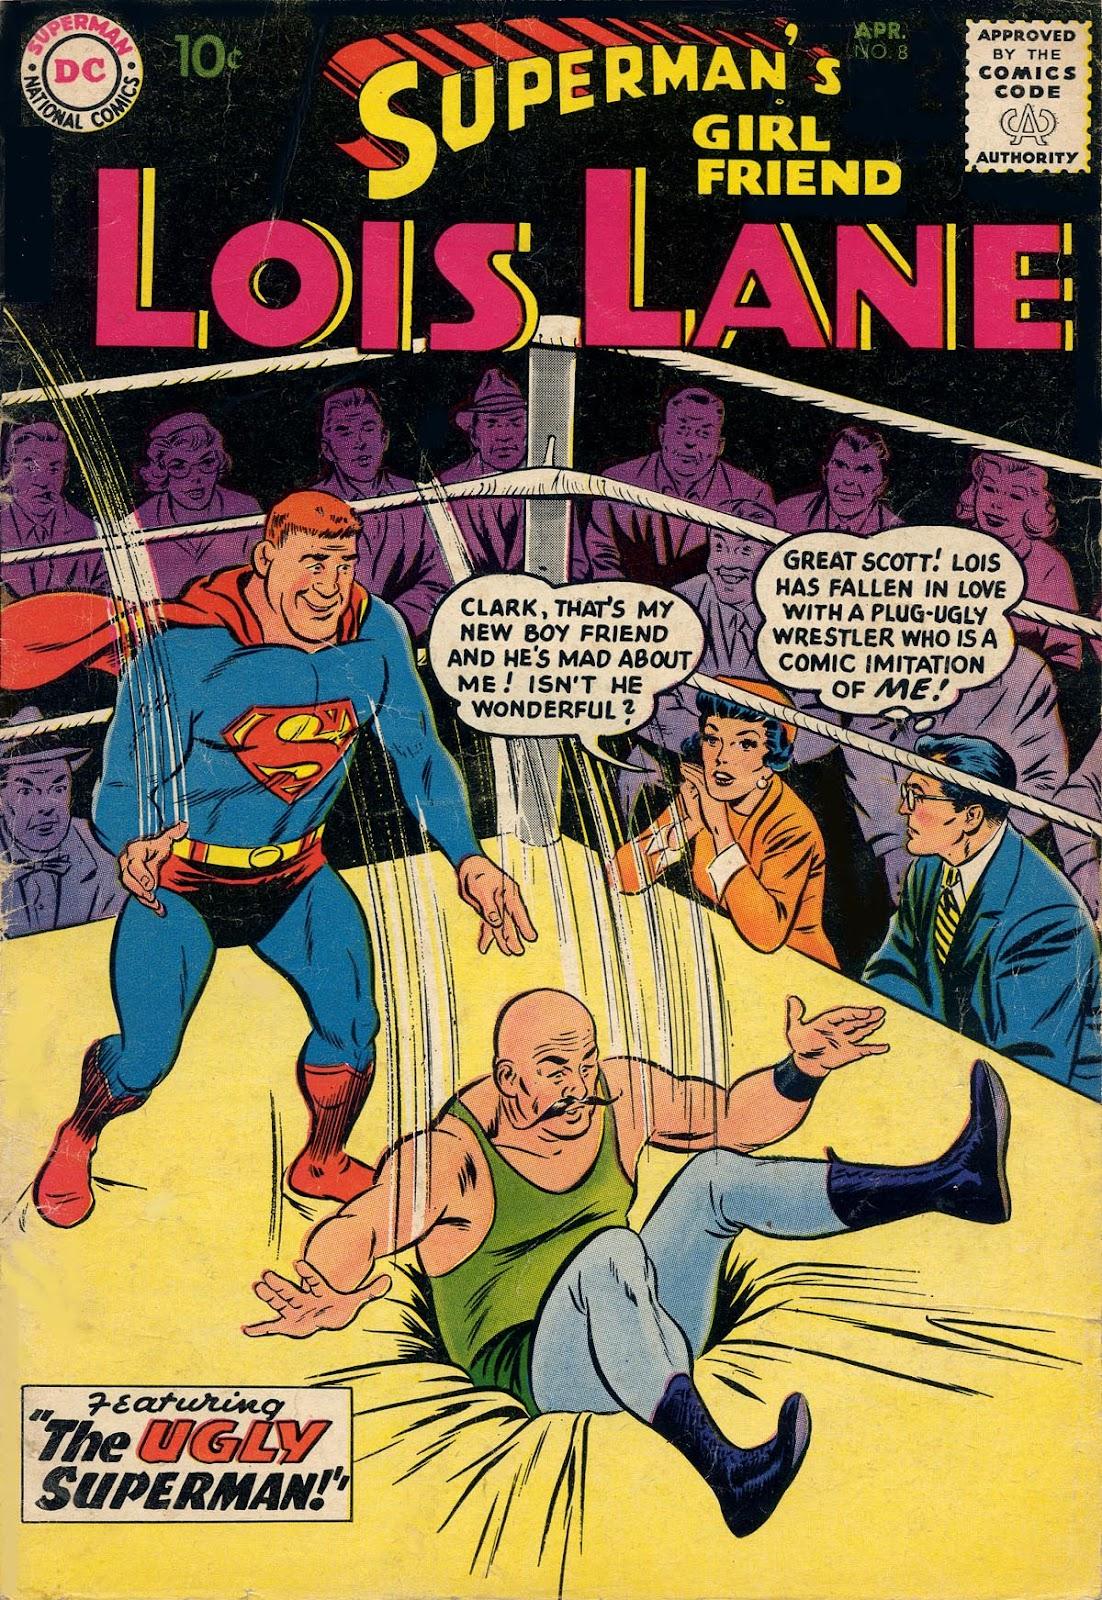 Supermans Girl Friend, Lois Lane 8 Page 1